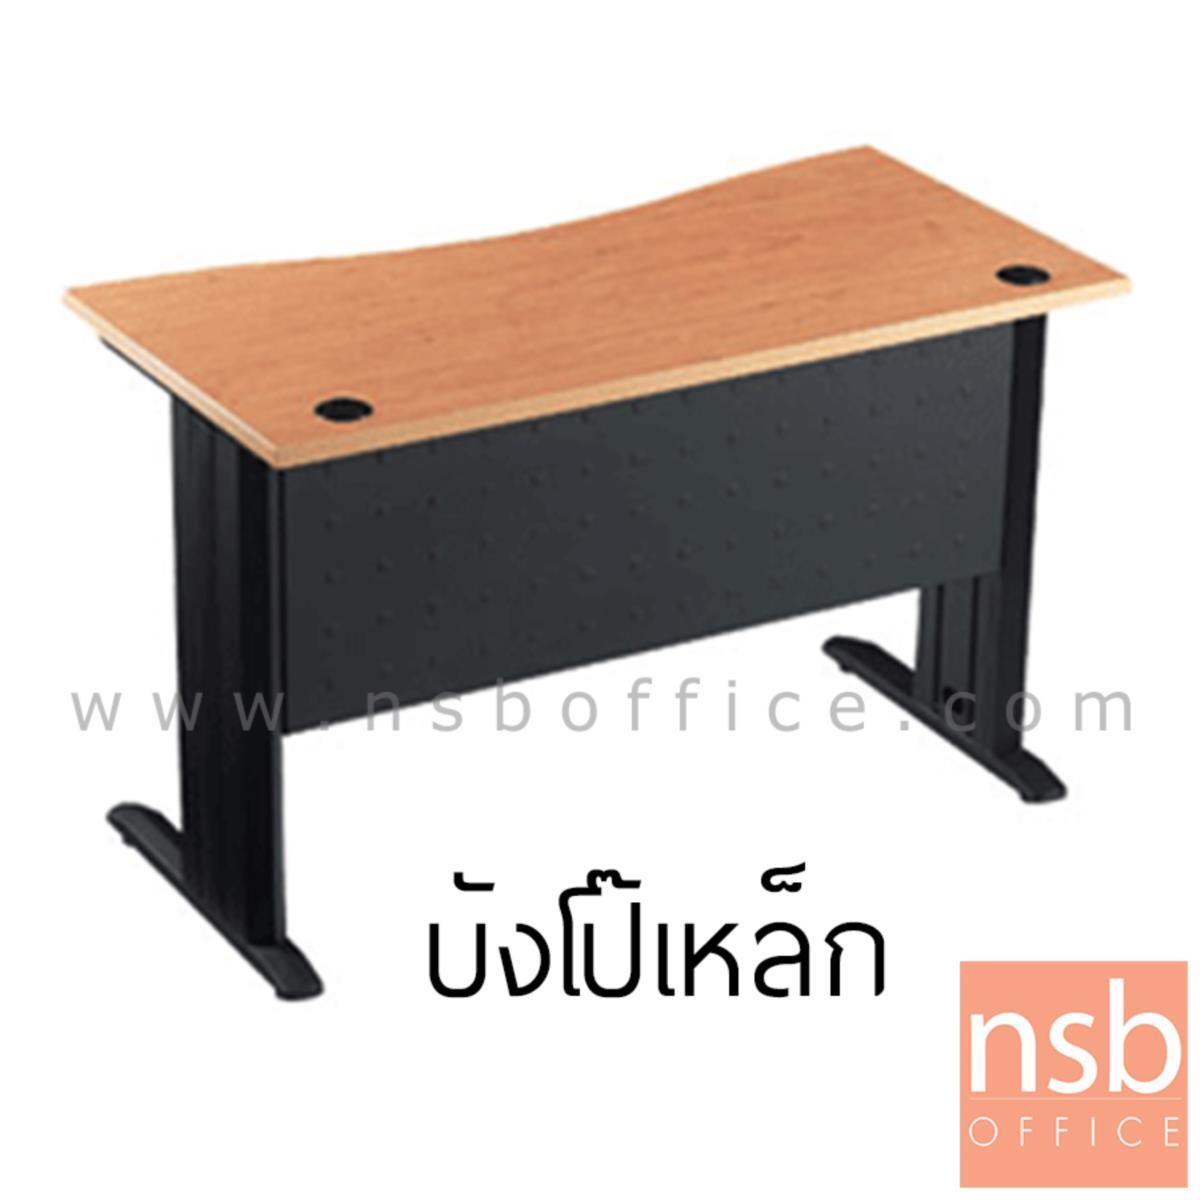 A10A006:โต๊ะทำงานหน้าโค้งเว้า ขนาด 120W*75H cm. บังโป้เหล็ก รุ่น S-DK-0621  ขาเหล็กตัวแอลสีดำ